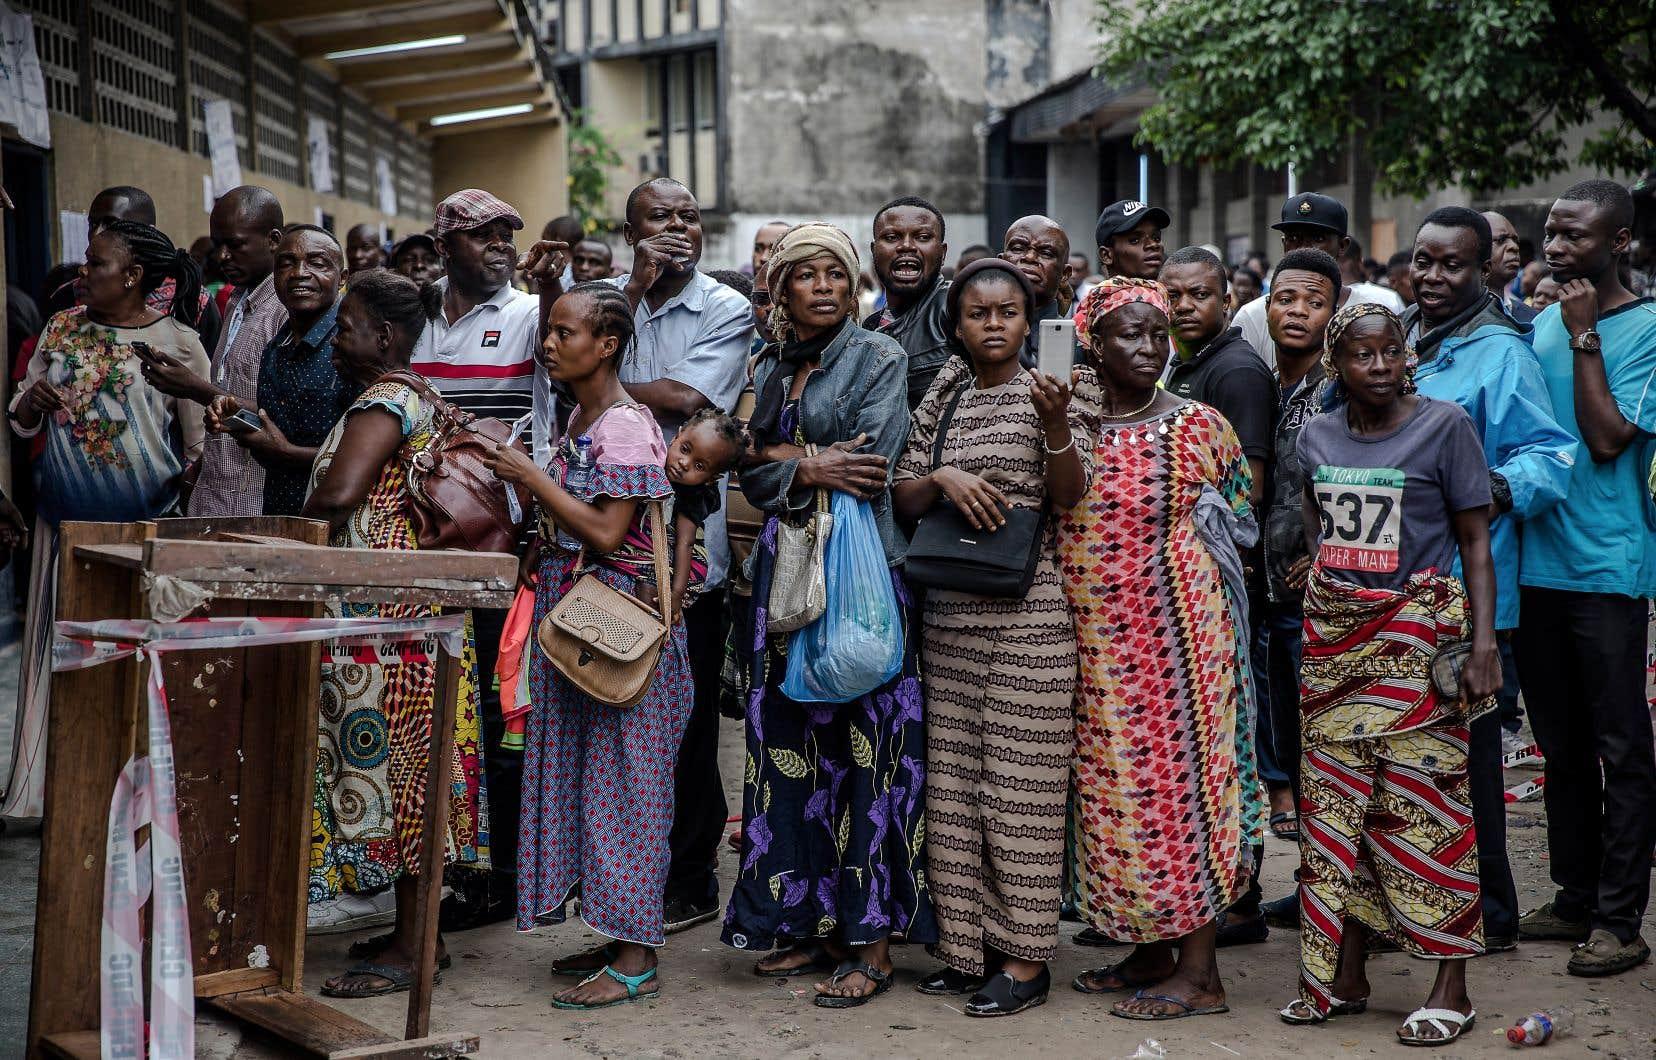 Des dizaines d'électeurs faisaient la file le 30décembre dernier devant un bureau électoral de la capitale de la République démocratique du Congo, Kinshasa, afin de se prononcer sur l'identité du prochain président de l'État africain.